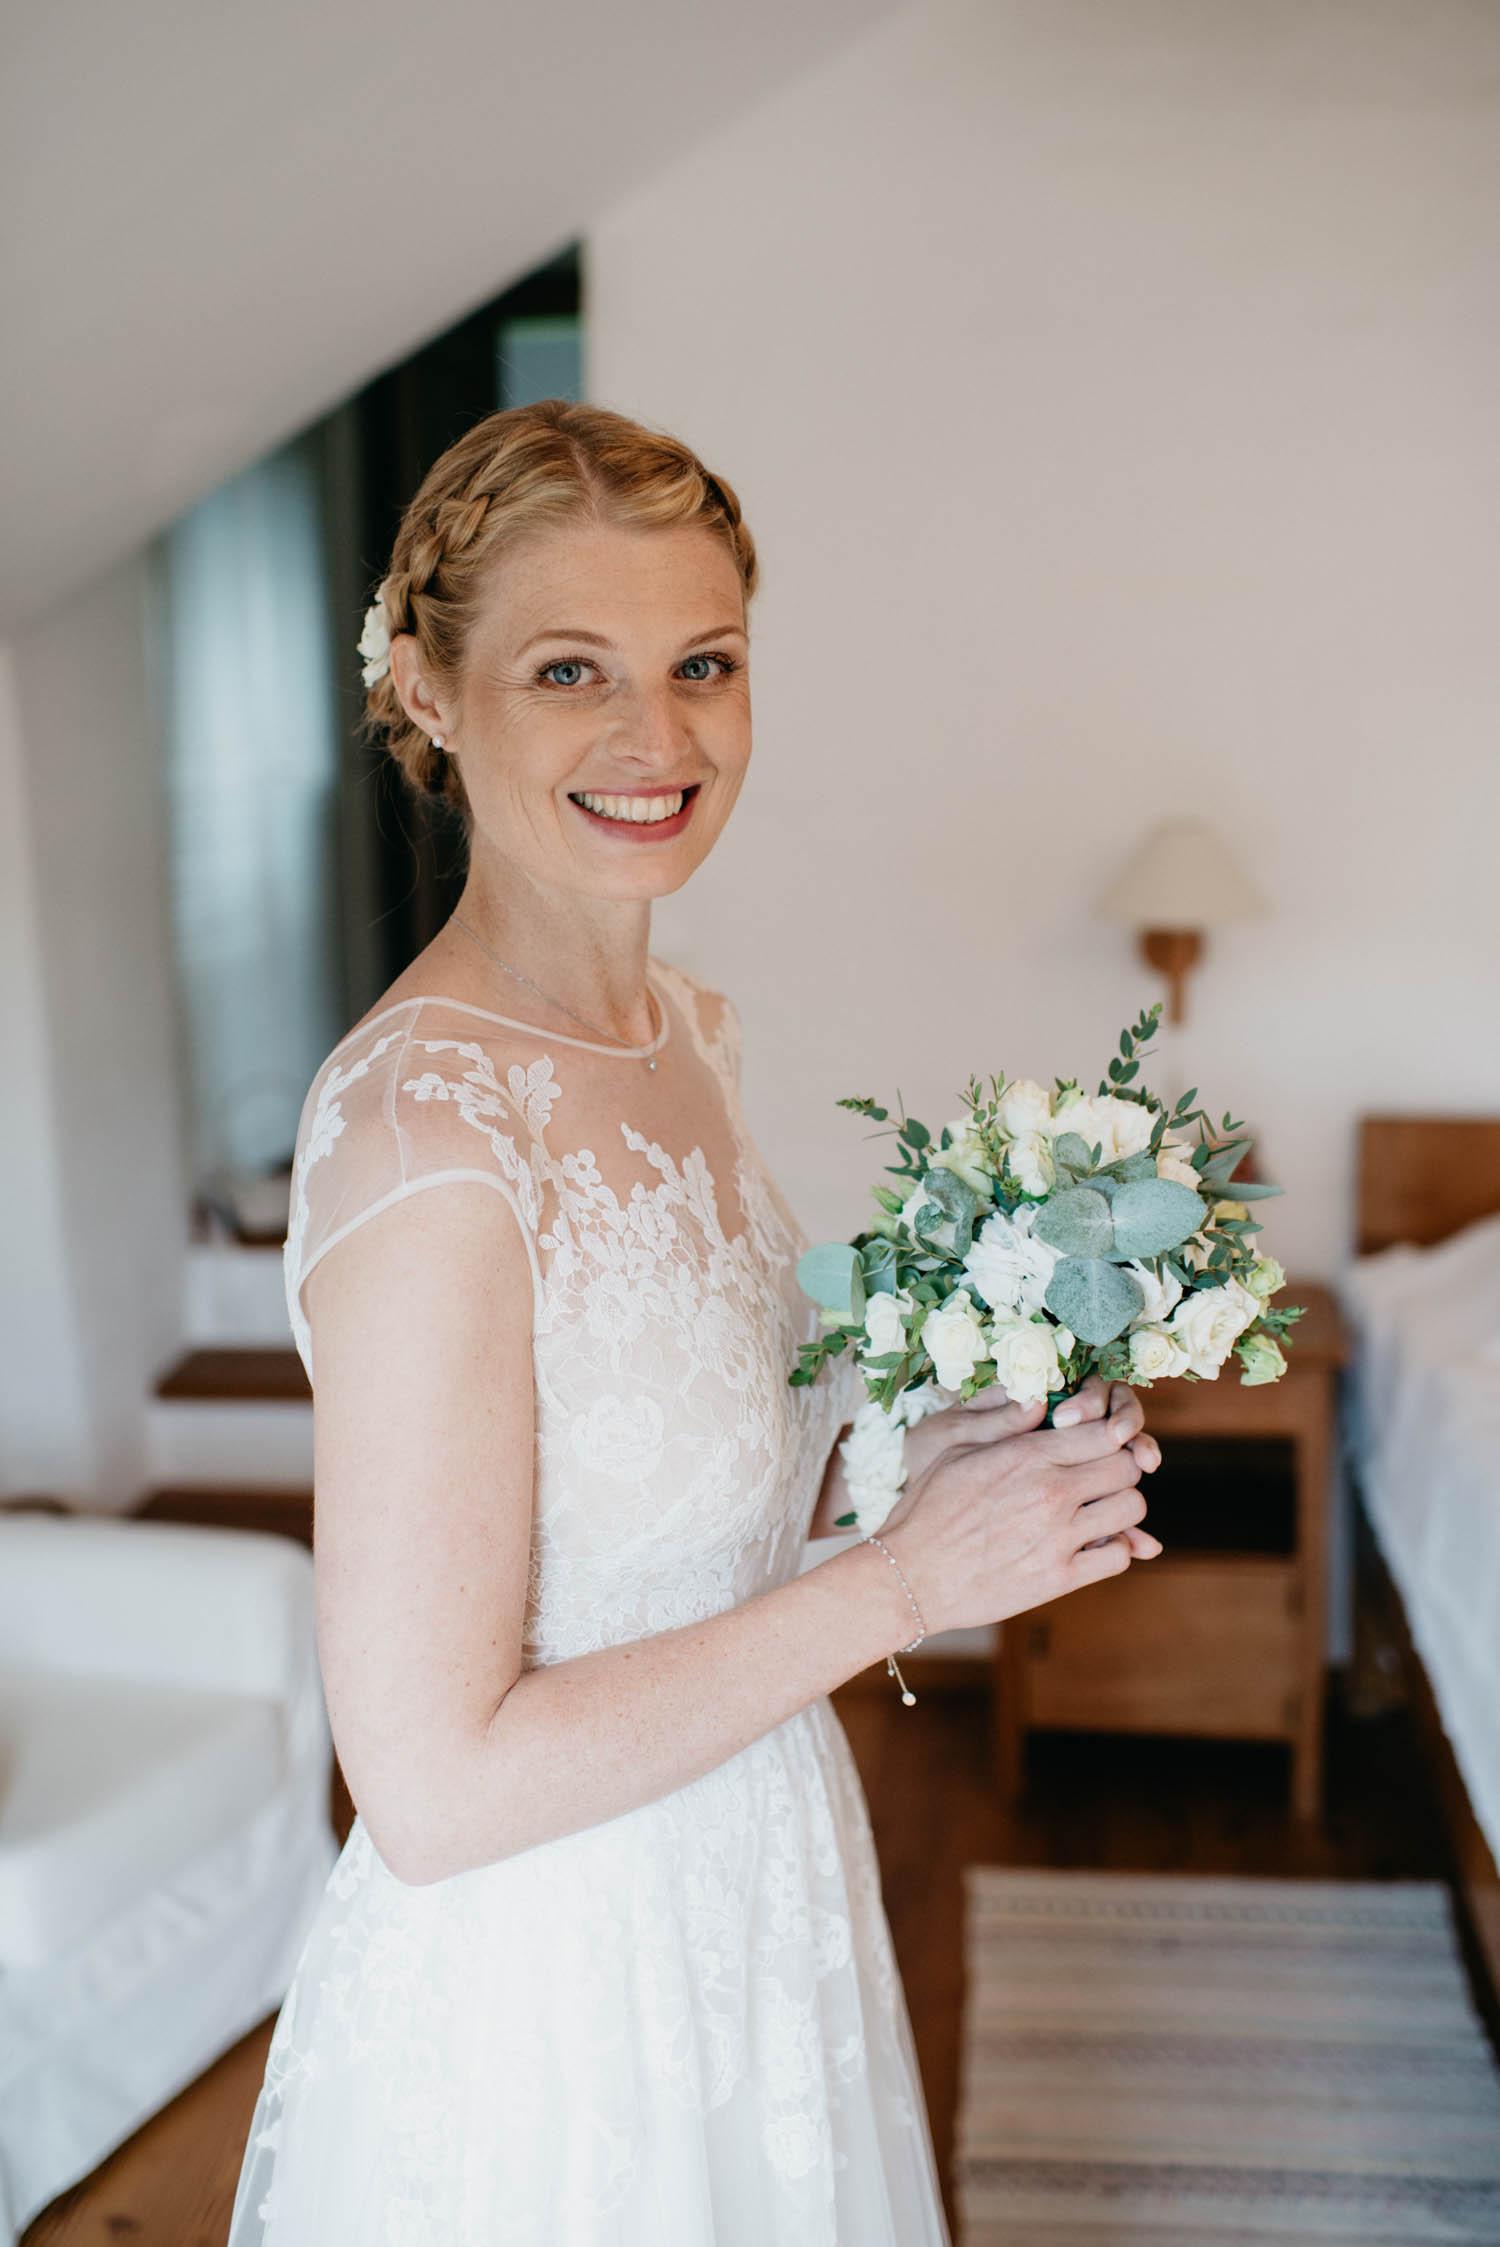 wewillweddings-hochzeitsfotografen-schloss-altenhof-wien-tirol-__sterreich-manuelamichael-77 Hochzeitstipps Teil 1 - Das Getting Ready